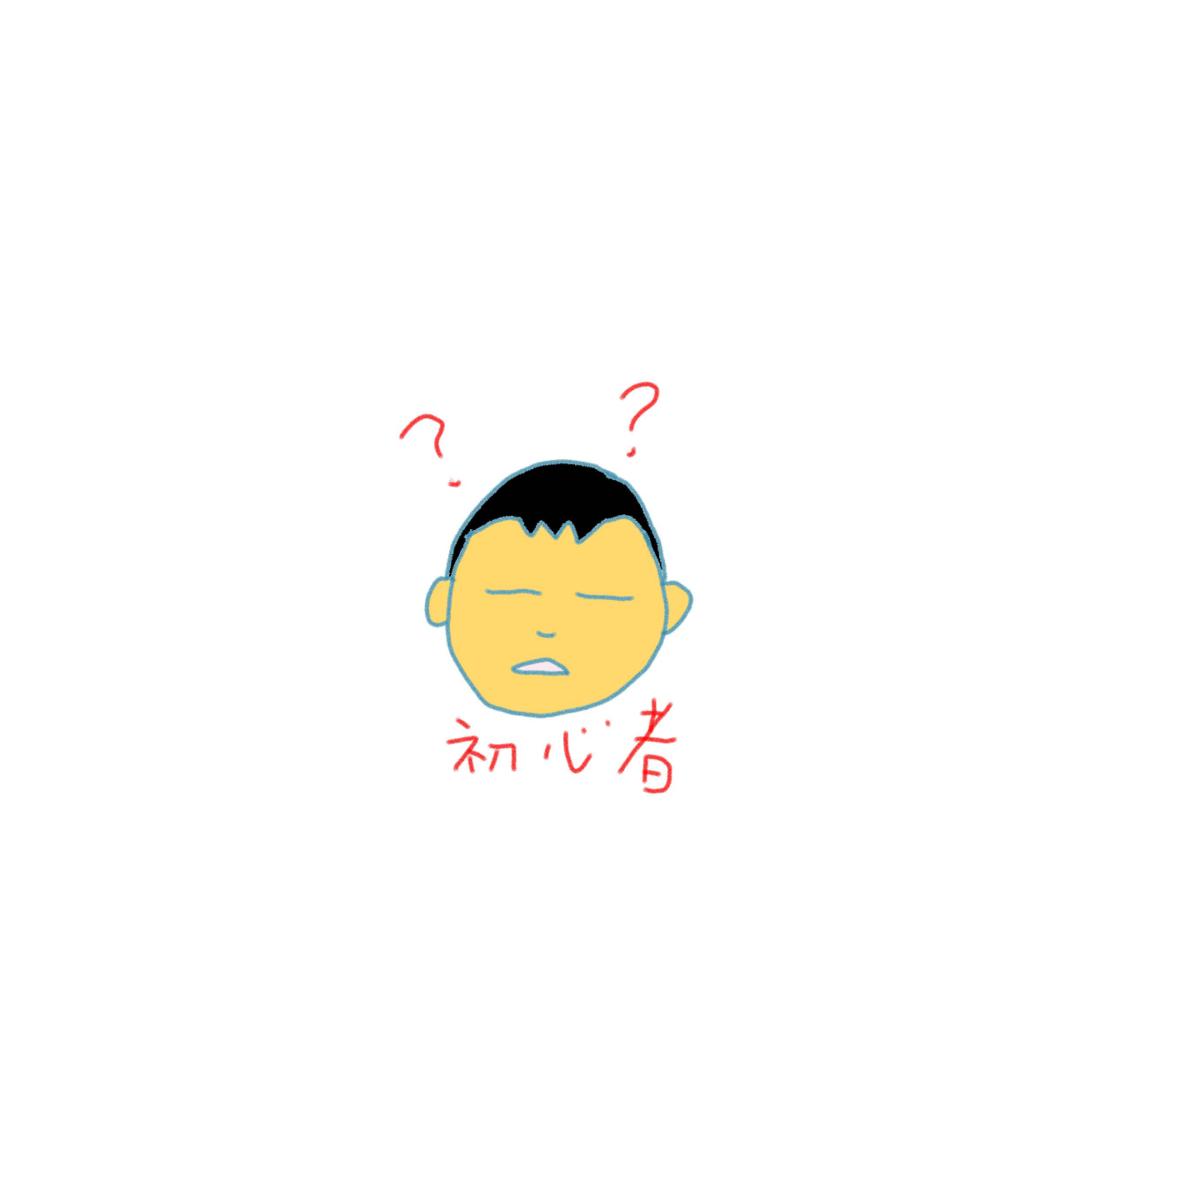 f:id:ryu3188:20190902081159p:plain